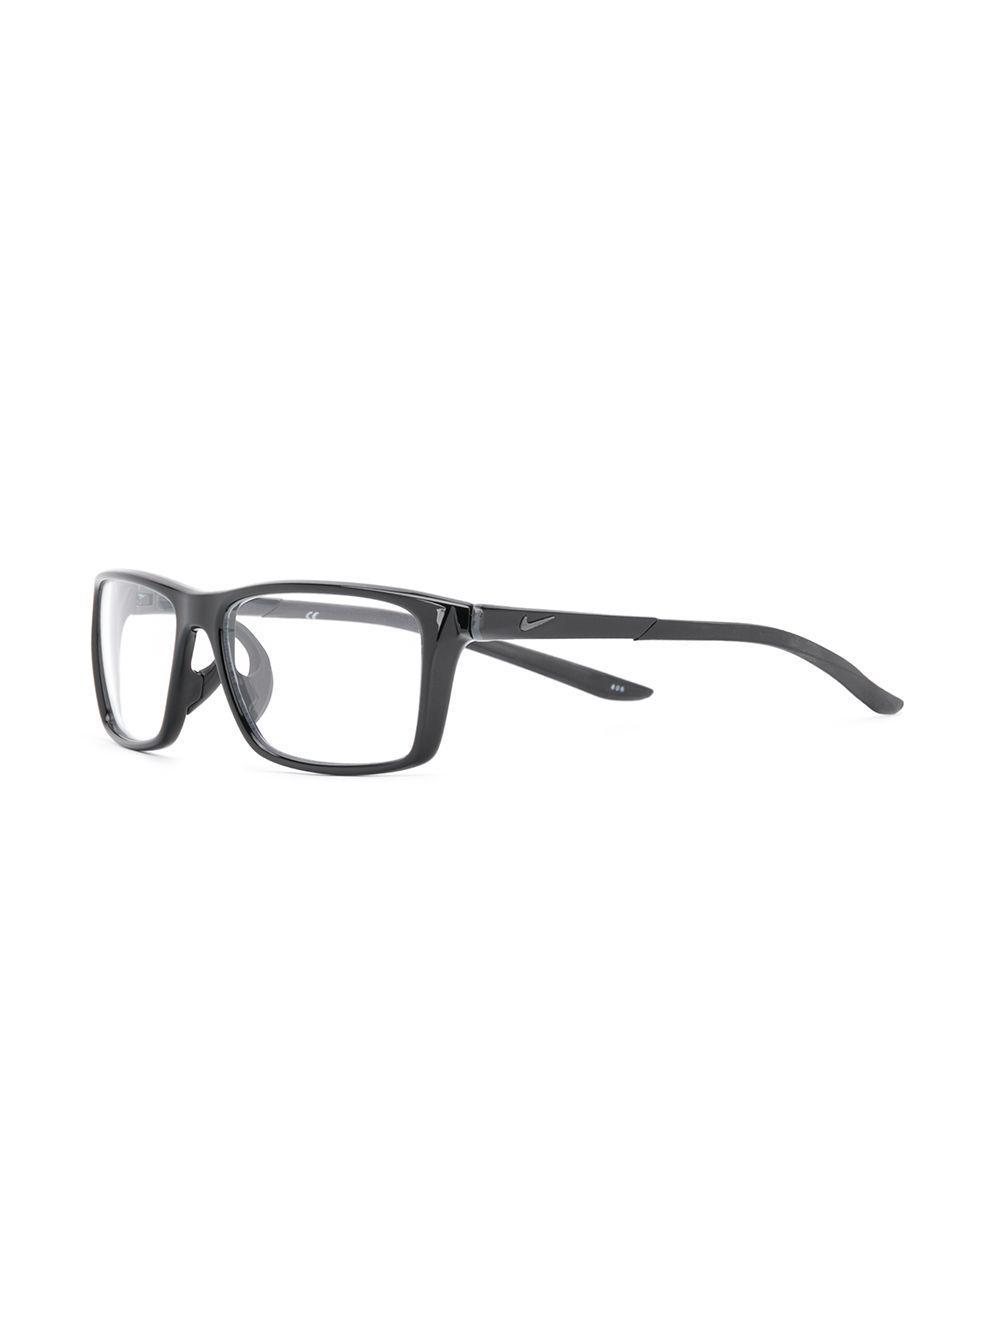 f14b7e7e17 Nike Sports Style Optical Glasses in Black - Lyst